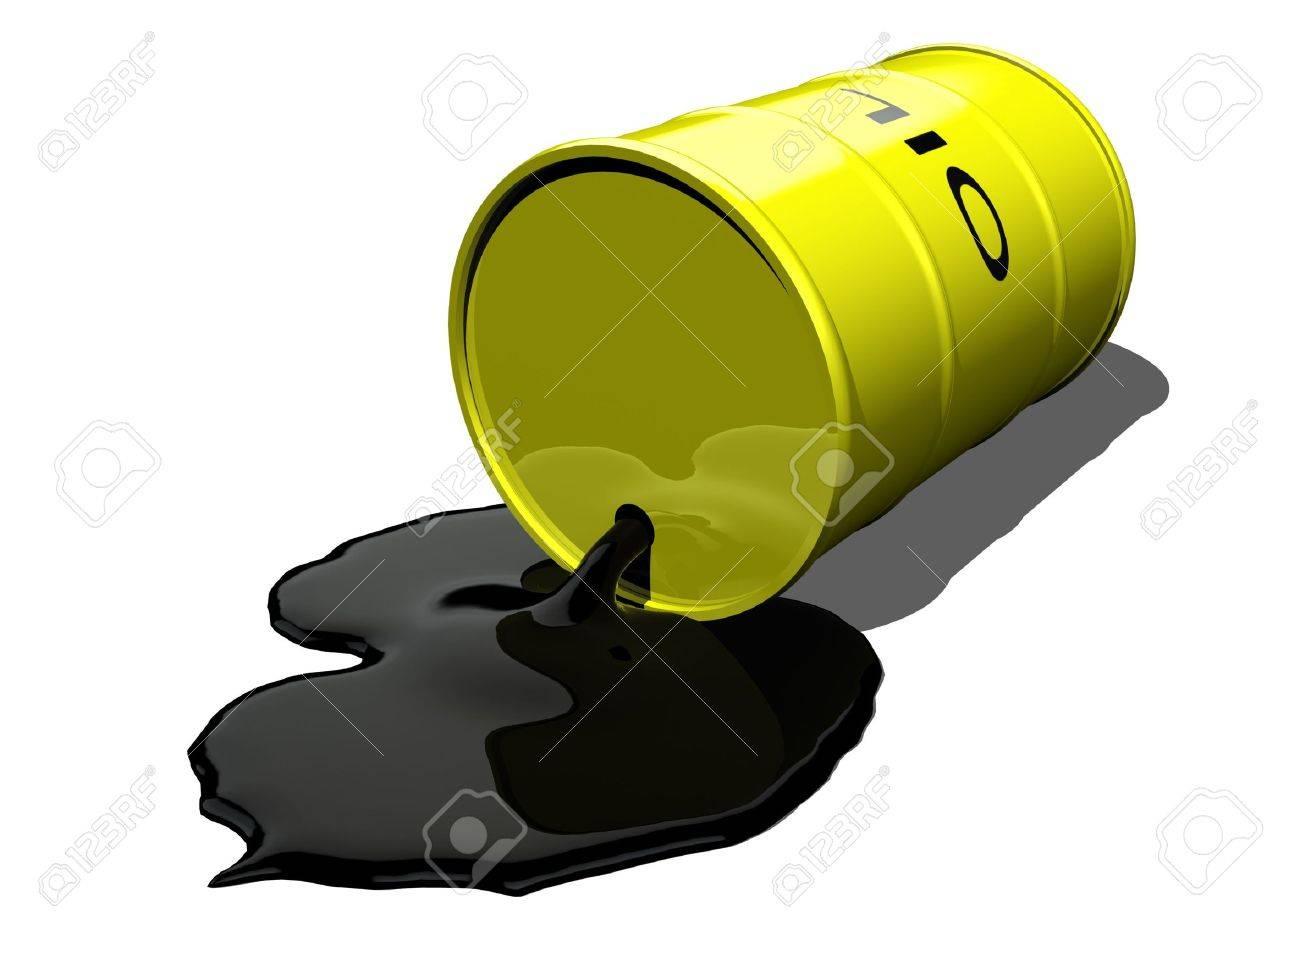 El juego de las palabras encadenadas-https://previews.123rf.com/images/thecarlinco/thecarlinco0807/thecarlinco080700028/3284153-Tambor-de-aceite-derramar-aceite--Foto-de-archivo.jpg